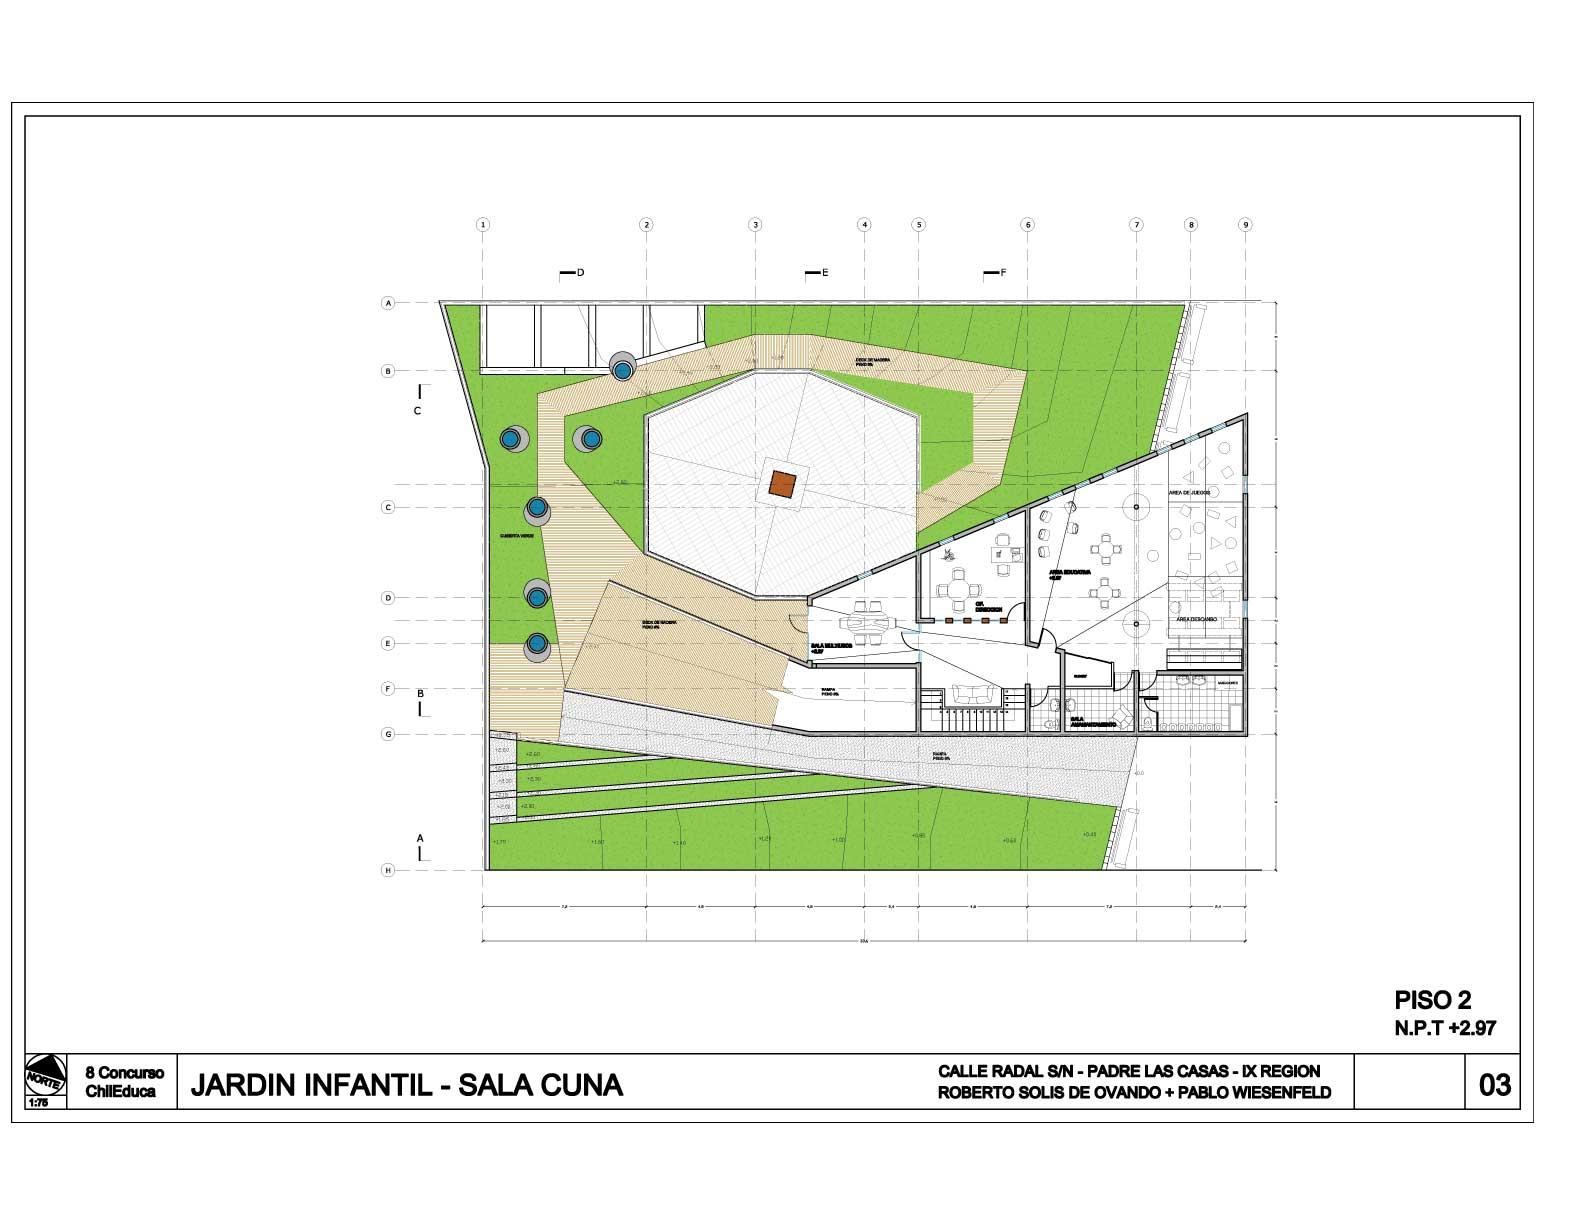 Jardin infantil padre las casas 2009 for Casa infantil jardin segunda mano